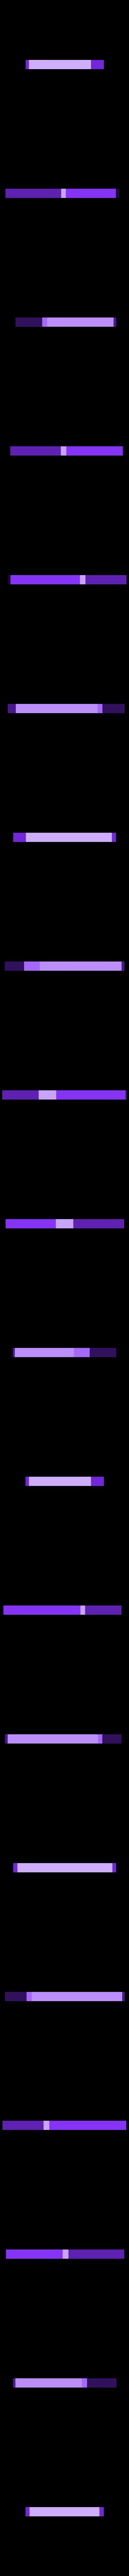 Printrbot_Multi_back_Thick.stl Télécharger fichier STL gratuit Printrbot Multi • Objet à imprimer en 3D, rushmere3d